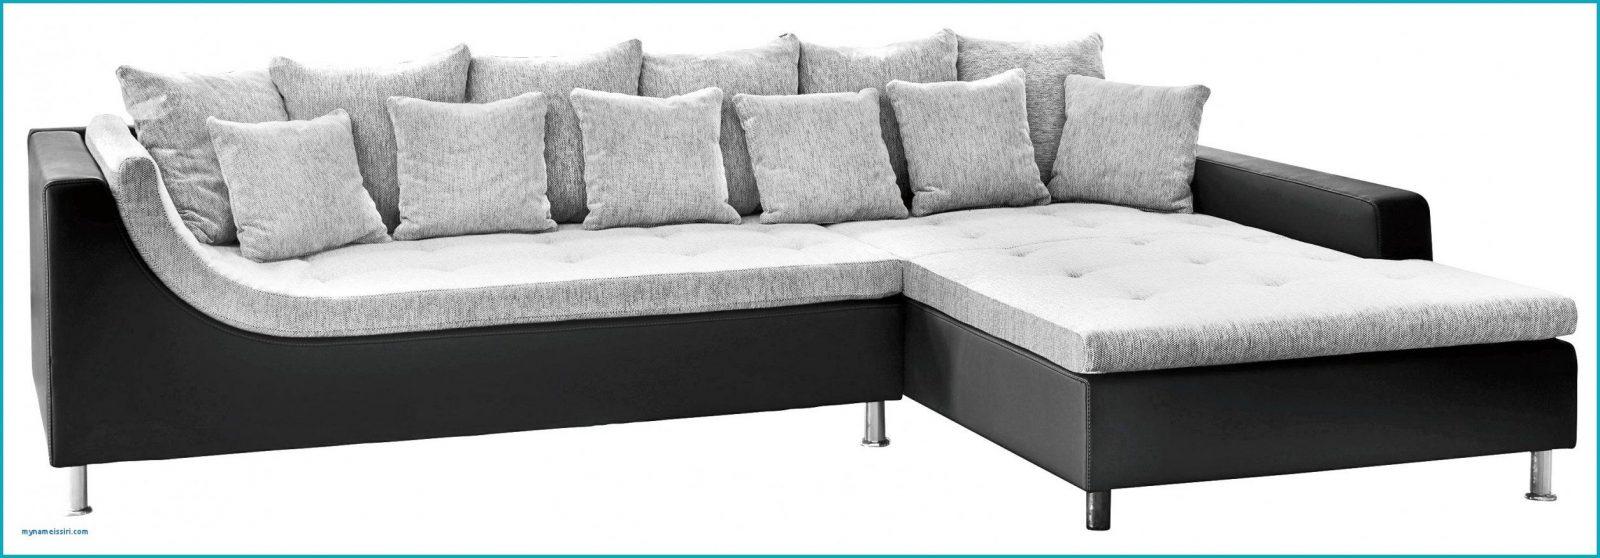 Sofa Auf Raten Ut8 Von Design Sofa Und Sehr Gehend Od Inspiration von Couch Auf Rechnung Als Neukunde Bild